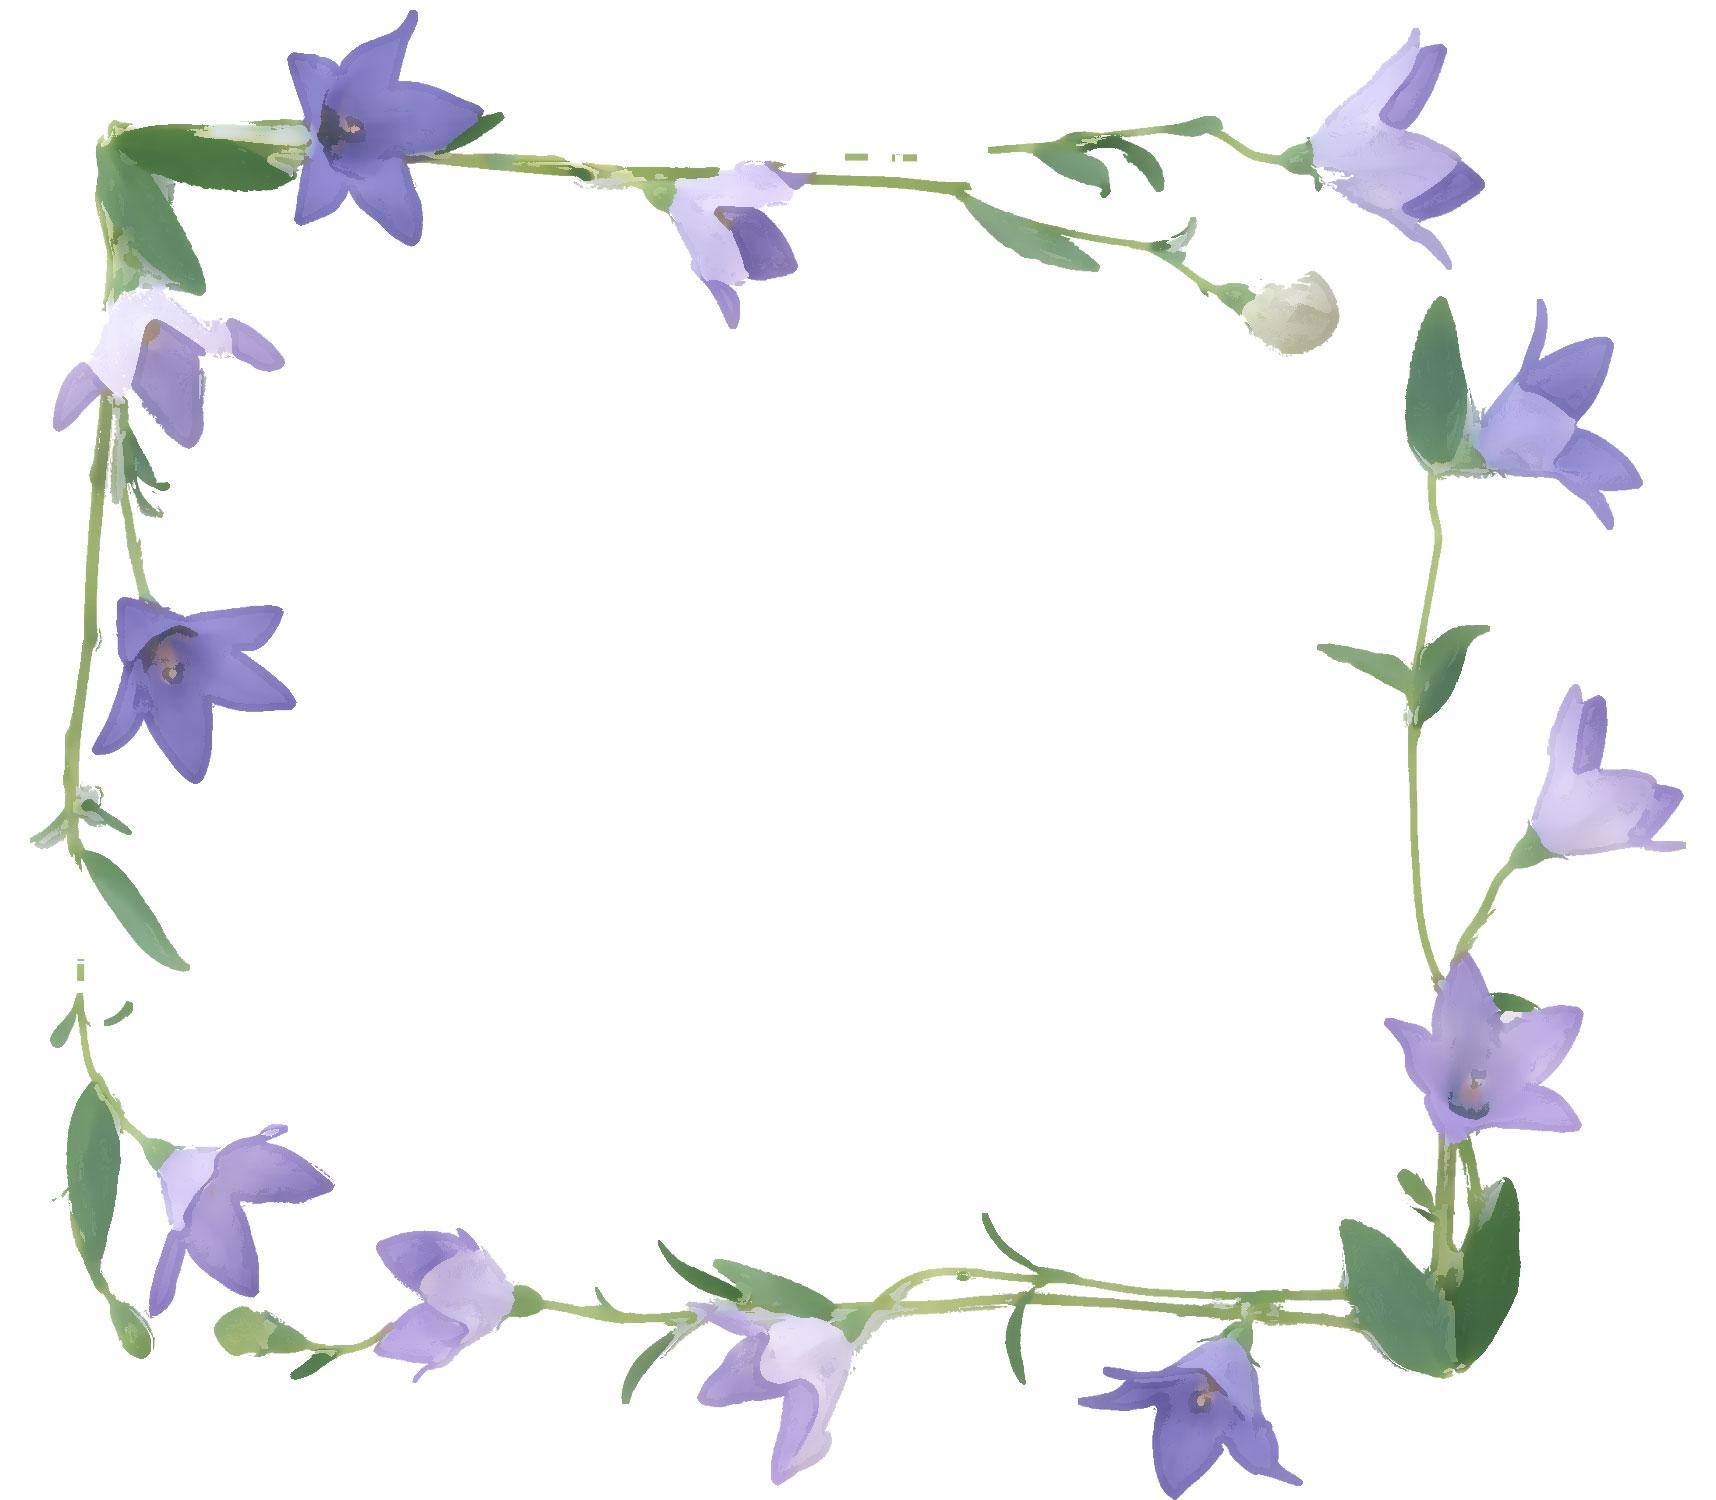 花のイラストフリー素材フレーム枠no579紫桔梗りんどう葉